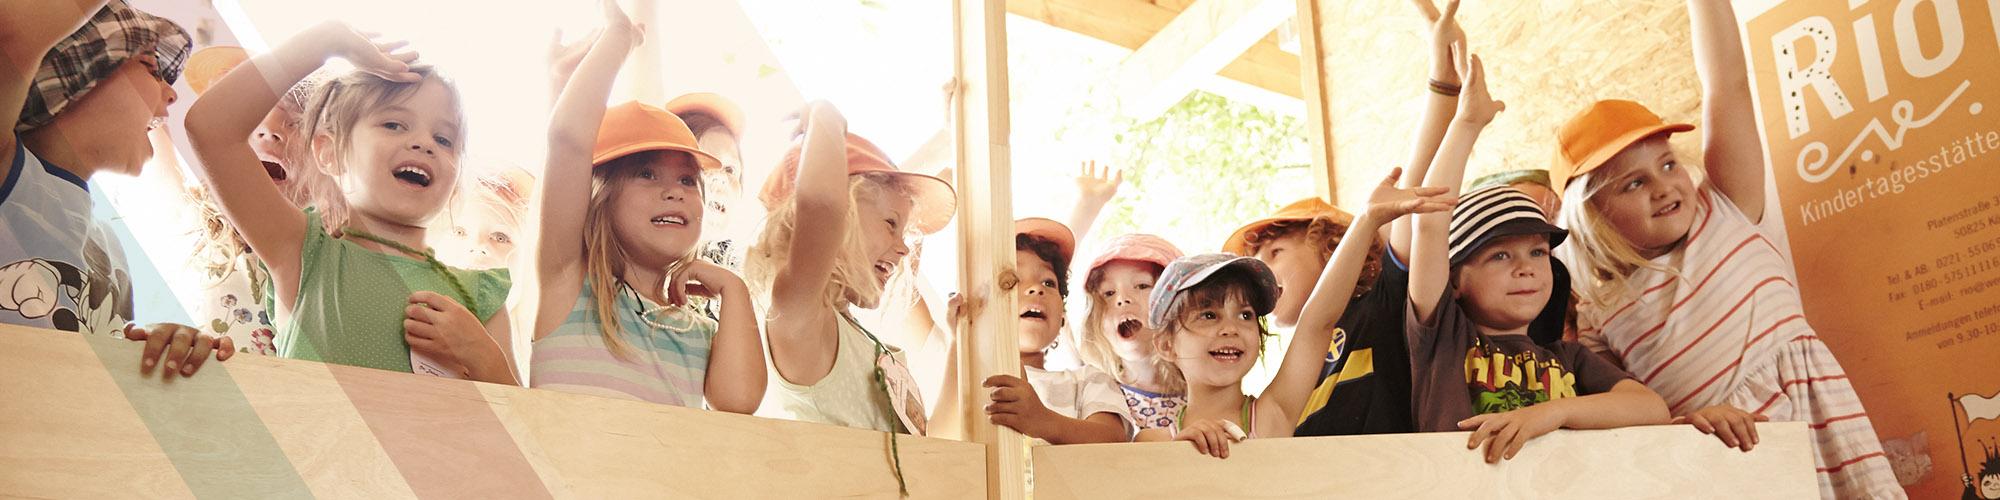 Viele Kinder mit Kappen heben die Haende und lachen